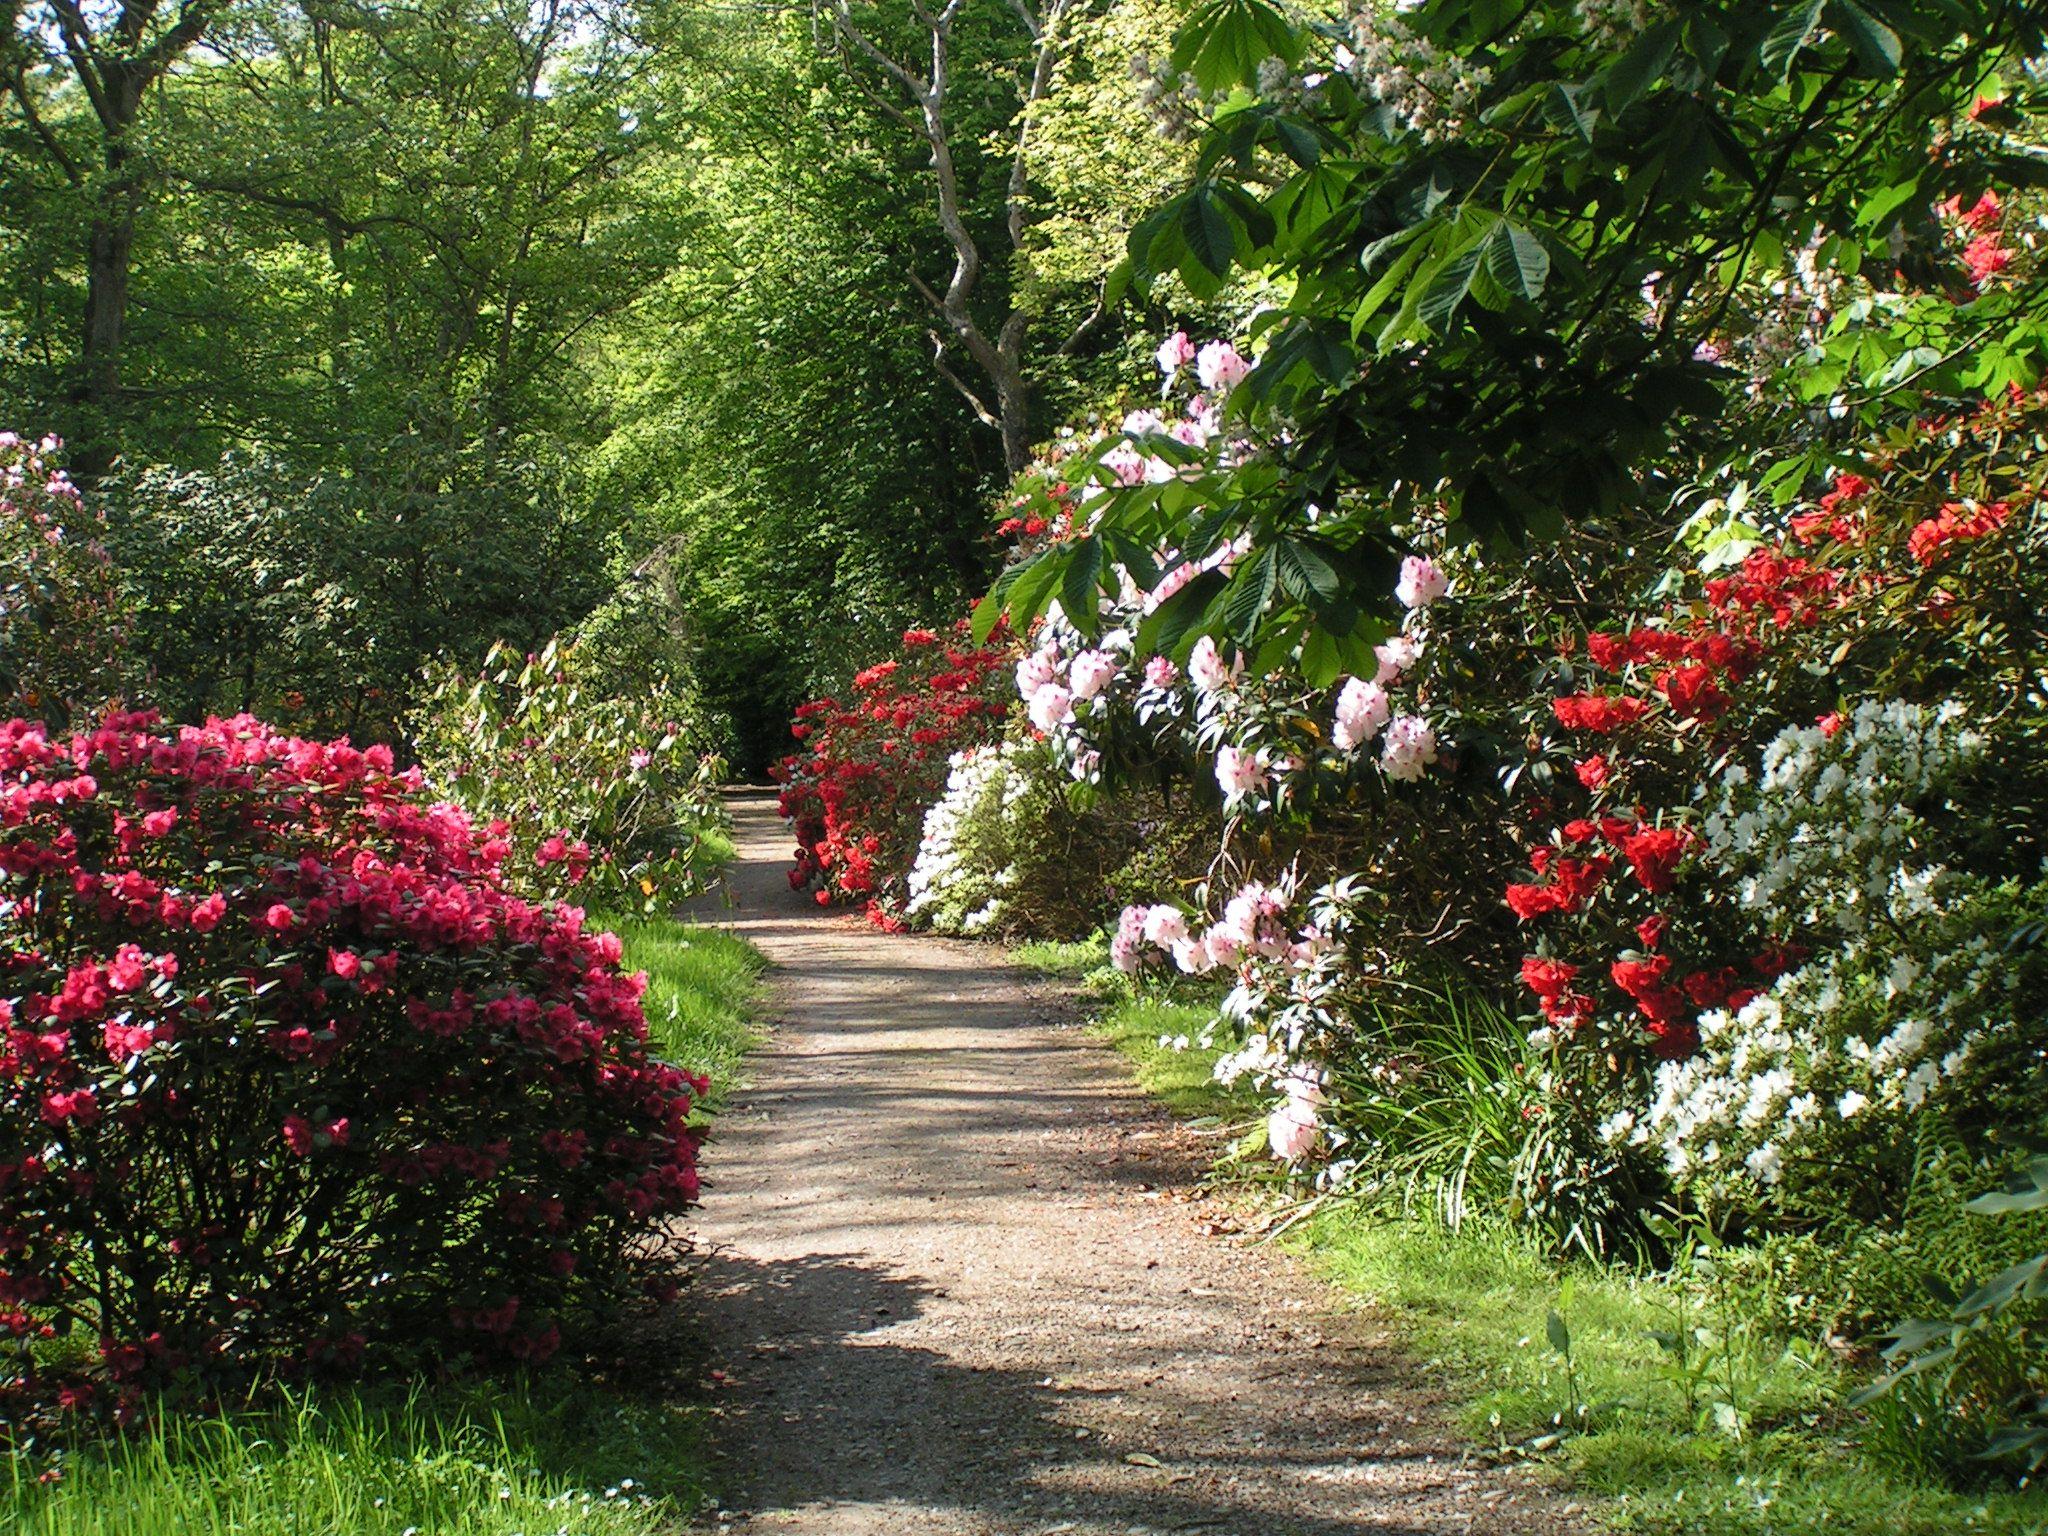 16 best ideas about Garden Paths on Pinterest Gardens Preserve